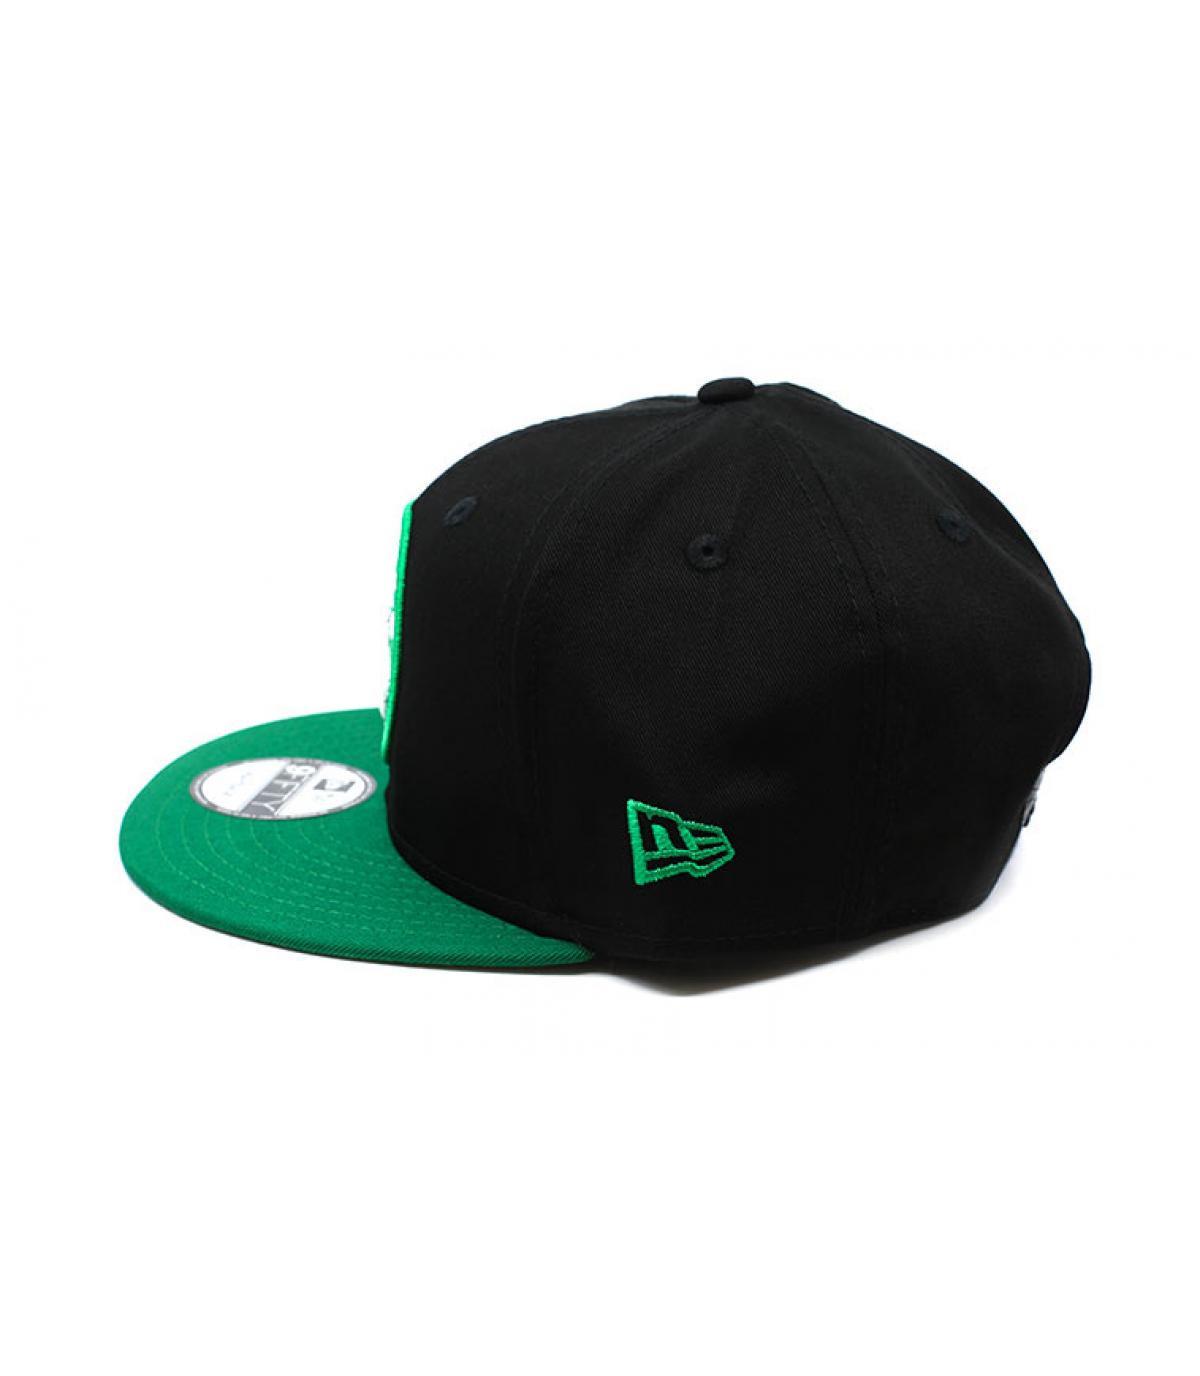 Détails Snapback Contrast Team Celtics 9Fifty - image 4